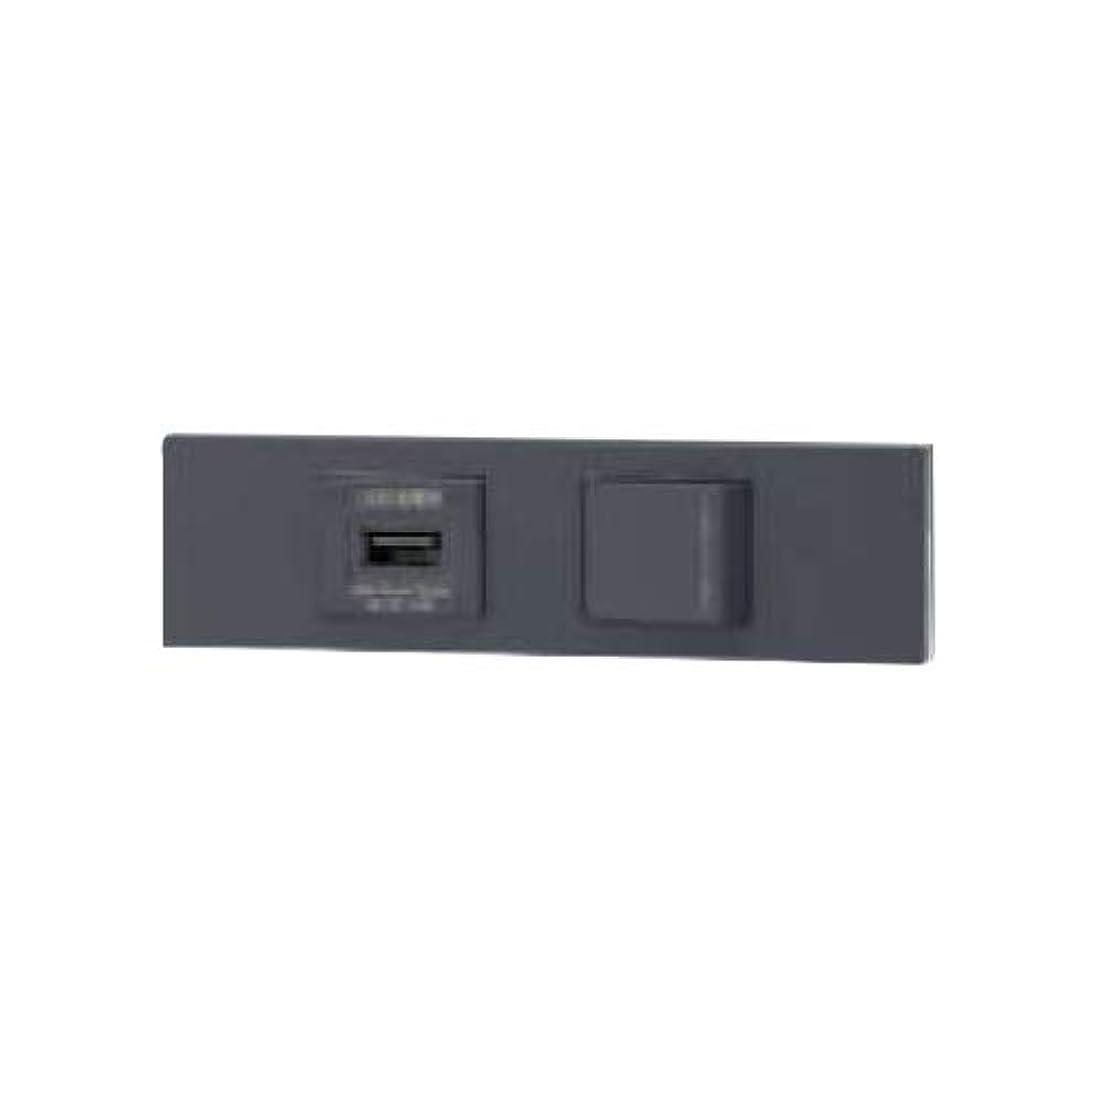 学校教育なんでも腰神保電器 NKシリーズ 家具?機器用USBコンセント+3路ガイドスイッチセット(什器用) ソフトブラック(SB) KAG-2583 ※受注生産品